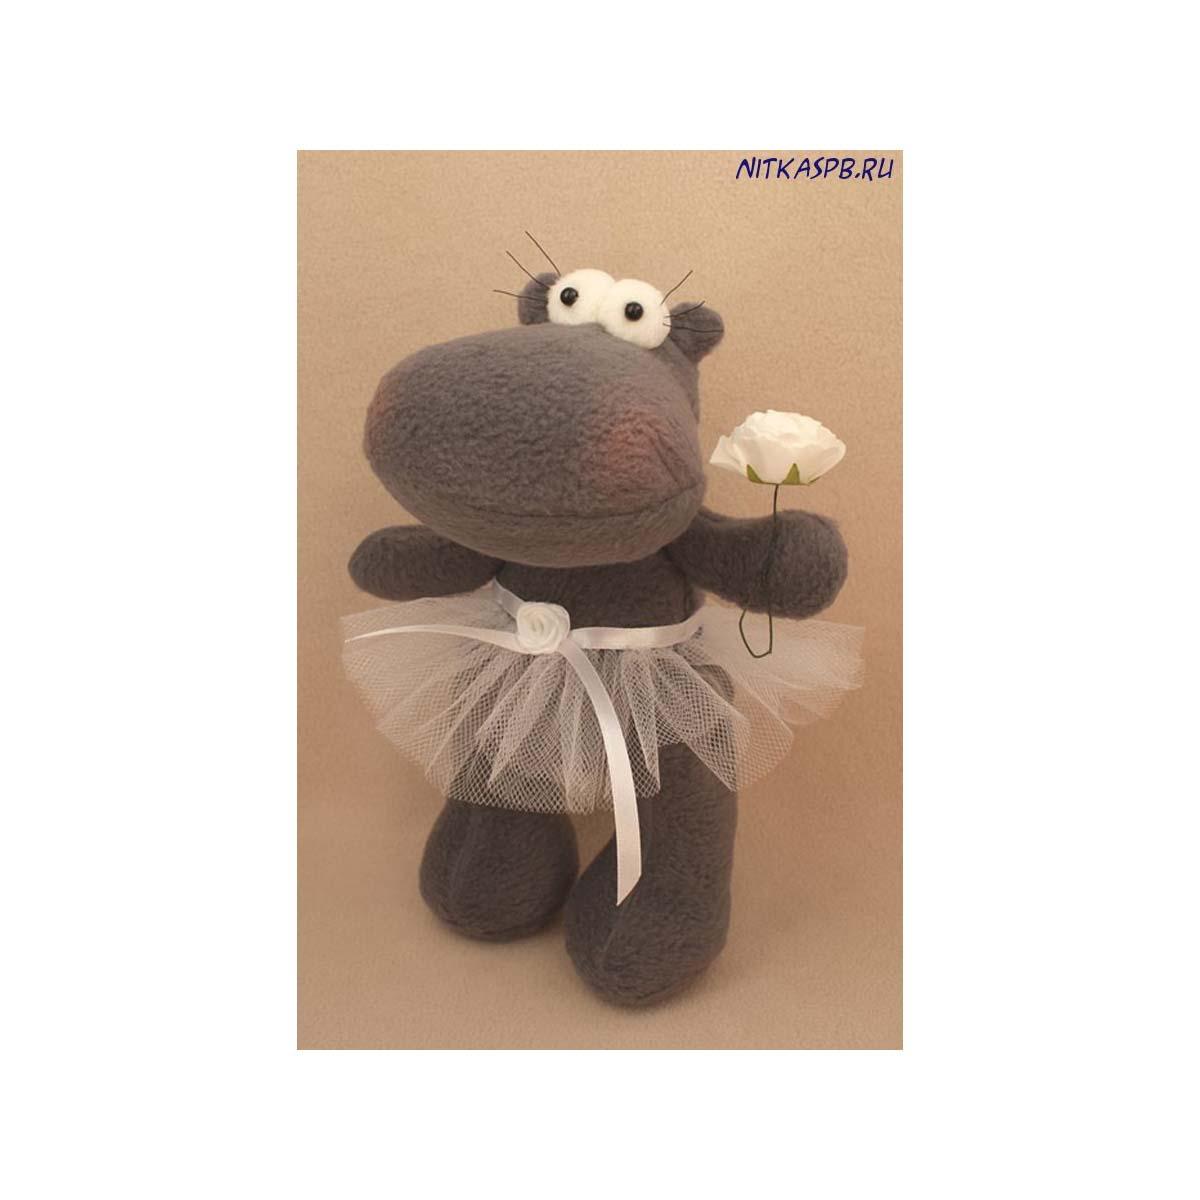 HP001 Набор для изготовления текстильной игрушки 23см 'HIPPO STORY' Бегемотик (Ваниль) фото